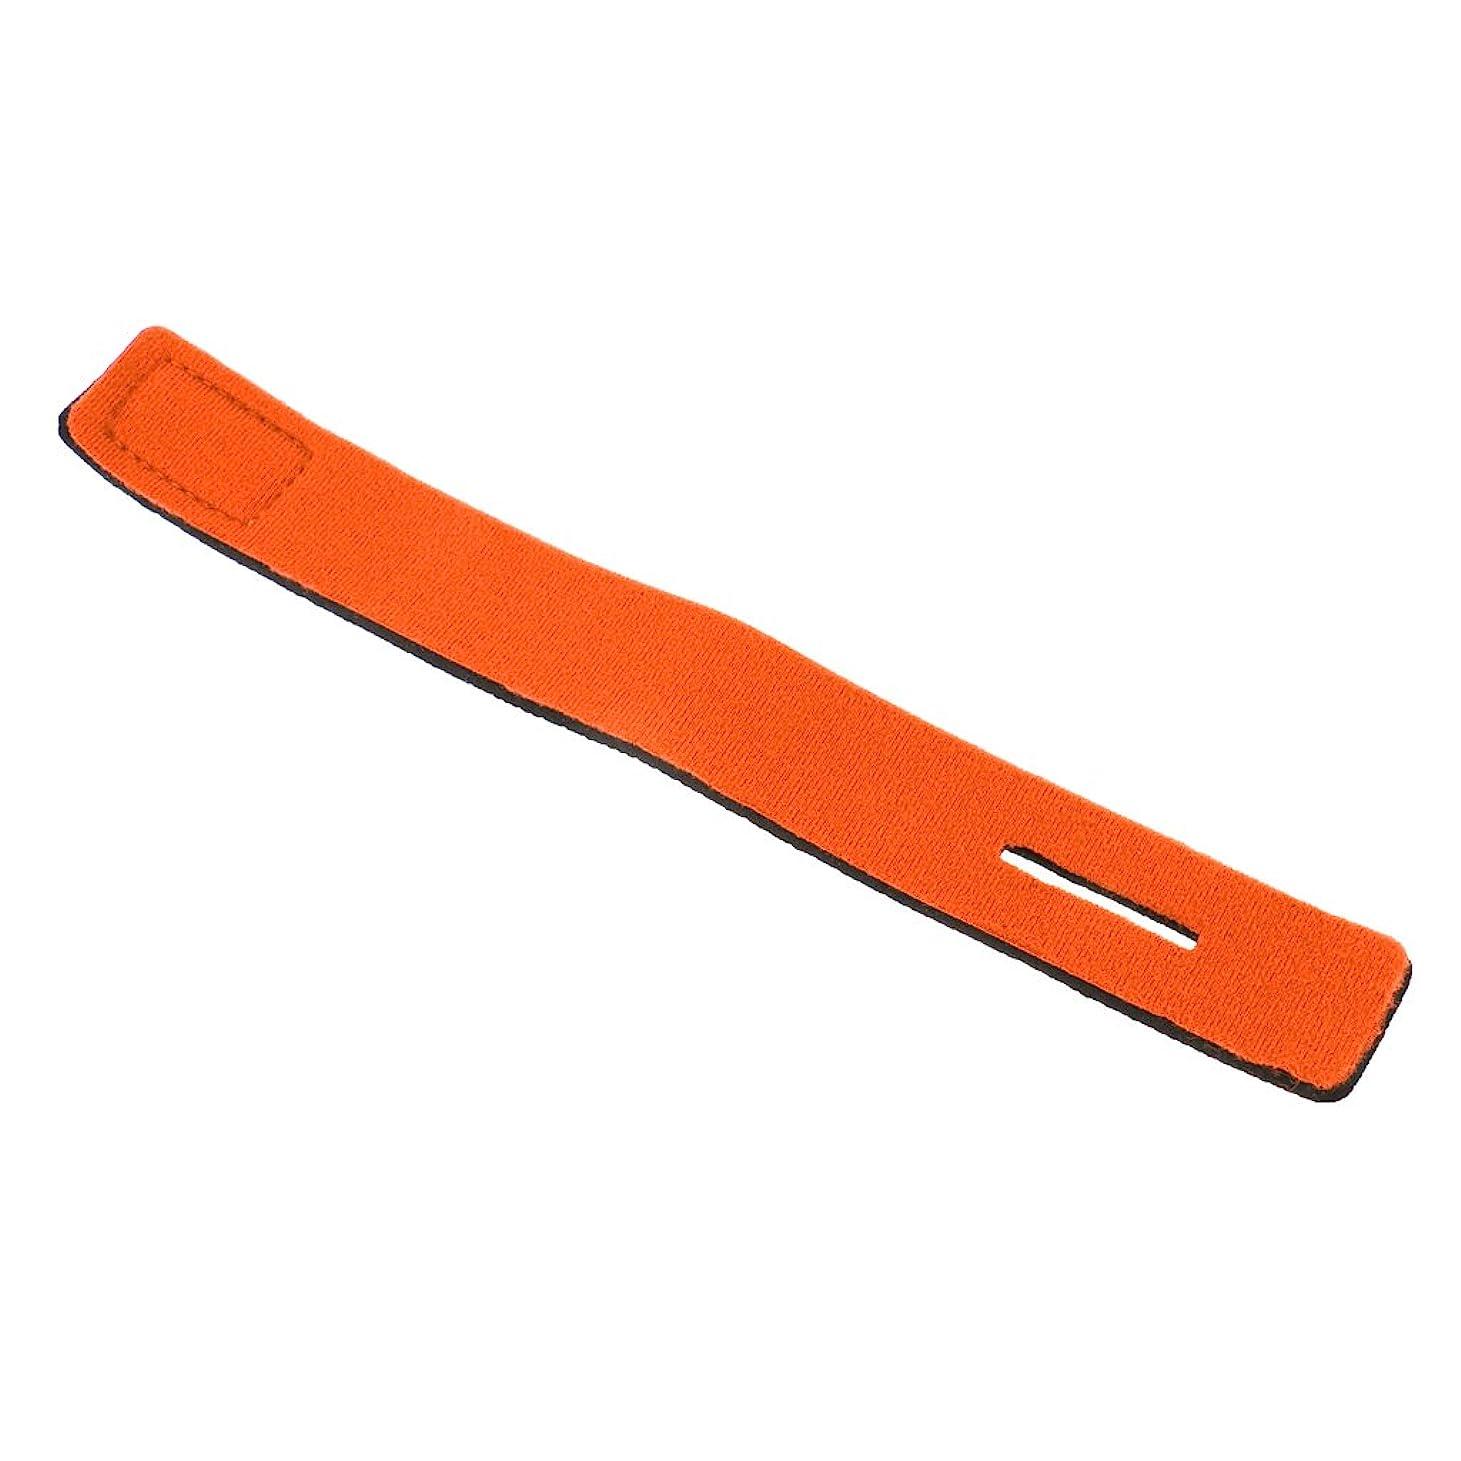 排除理容師処理するCUTICATE 釣り竿 バンド ストラップ 保護 ロッド ホルダー ラップ ベルト 全6色